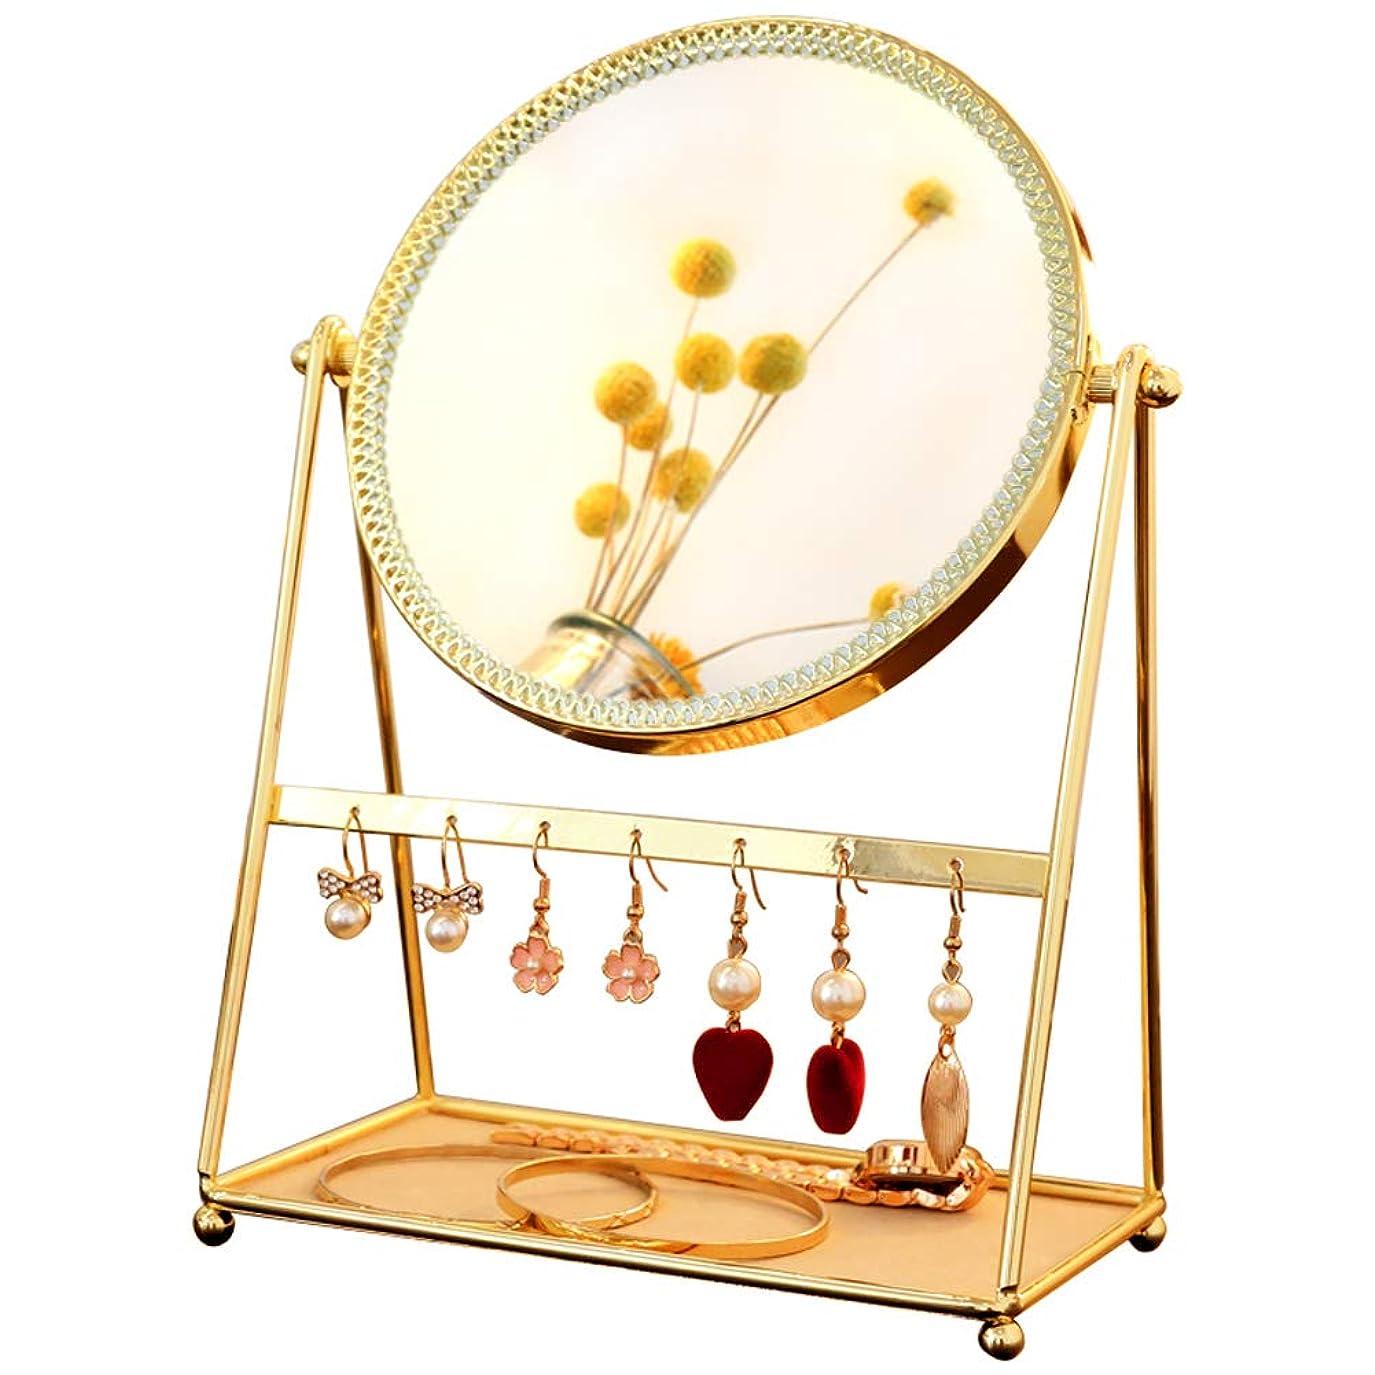 平均カテナ感心するGloDeals装飾 化粧鏡 JEWELRY TRAY(ジュエリートレイ) アクセサリー収納 ピアスケース 卓上鏡 スタンドミラー メイク 化粧道具 かわいい ジュエリーボックス 小物入れ 化粧品 おしゃれ収納ケース (gold)